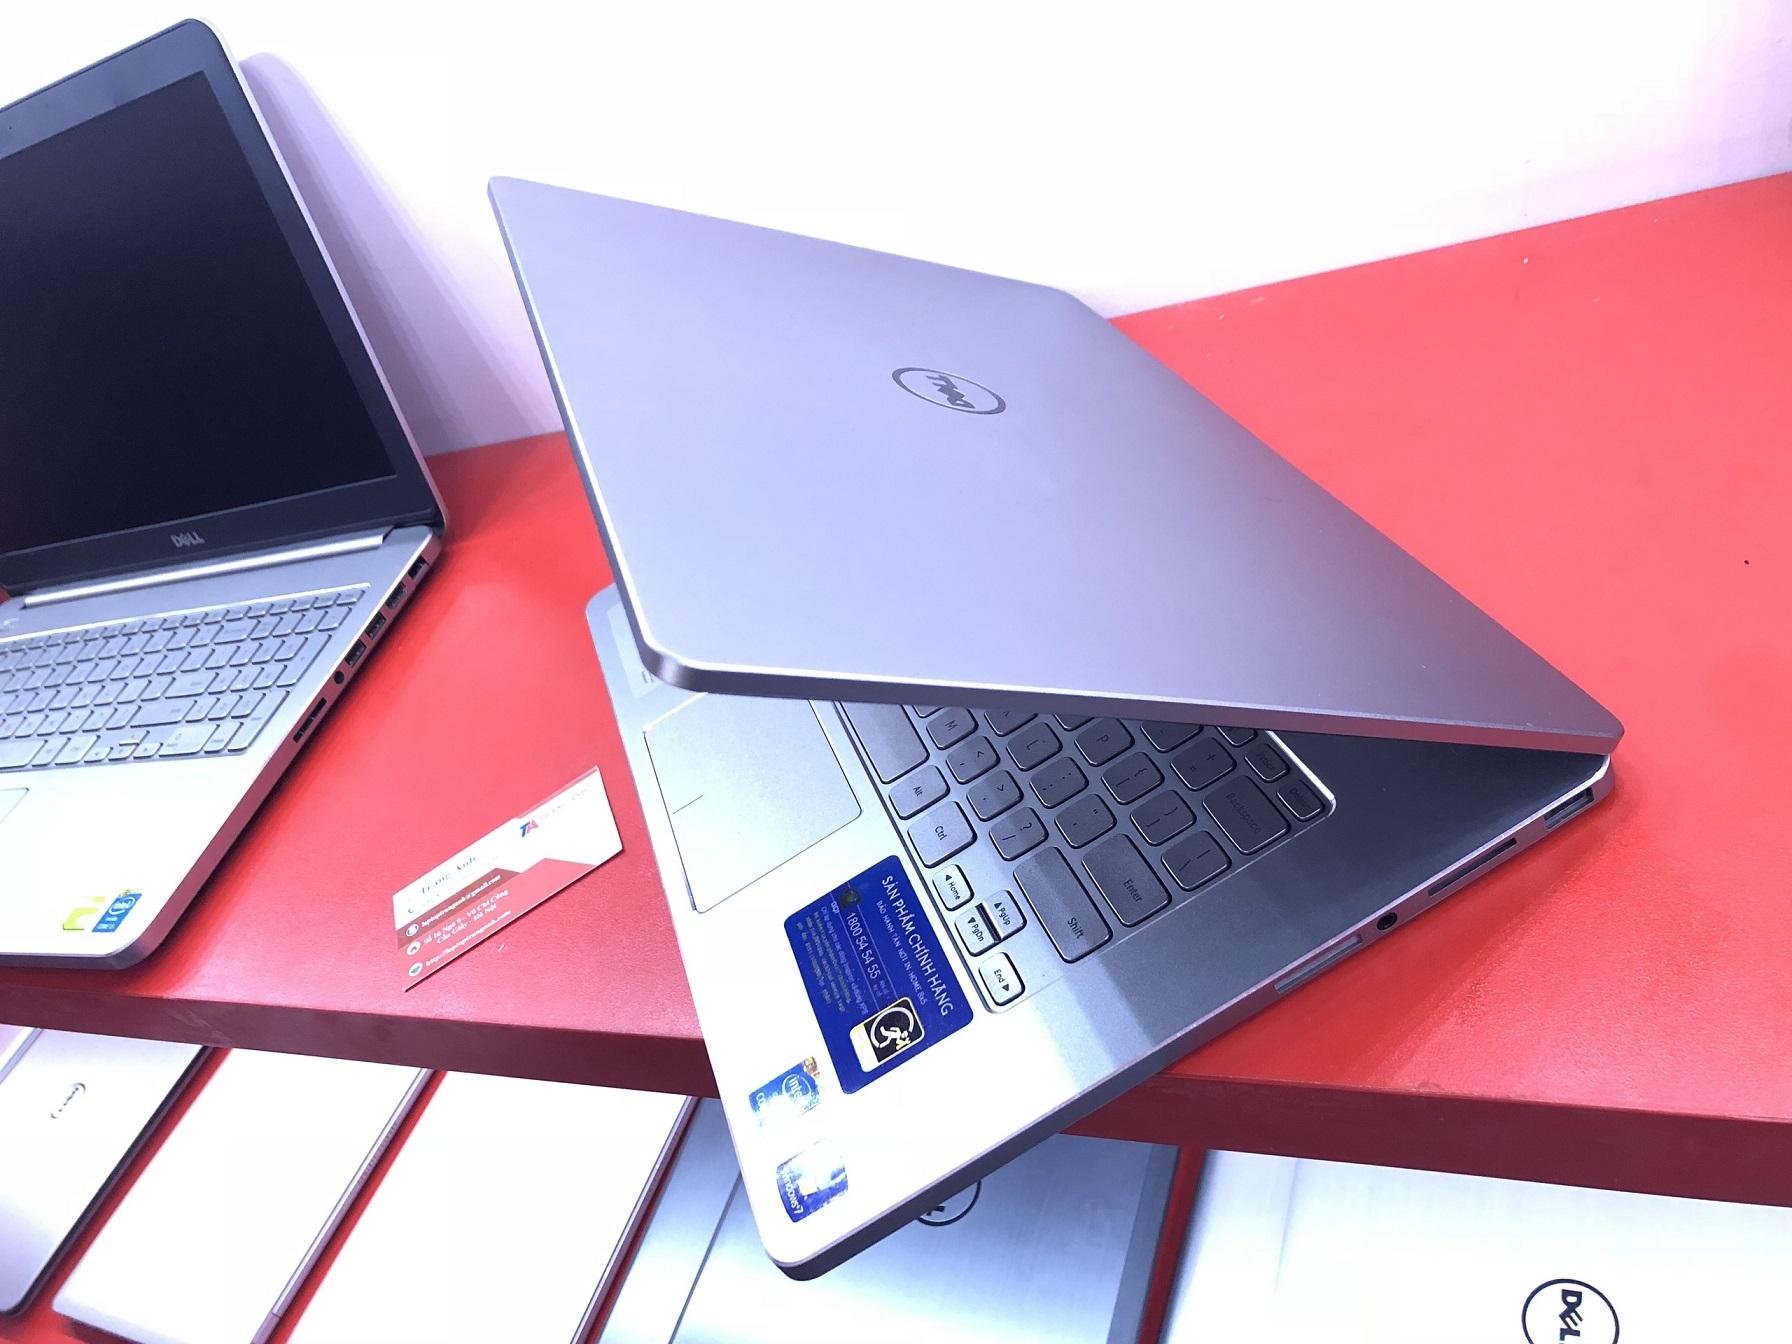 Dell Inspiron 7437 màn cảm ứng siêu mỏng, nhập Mỹ nguyên bản mới 99%